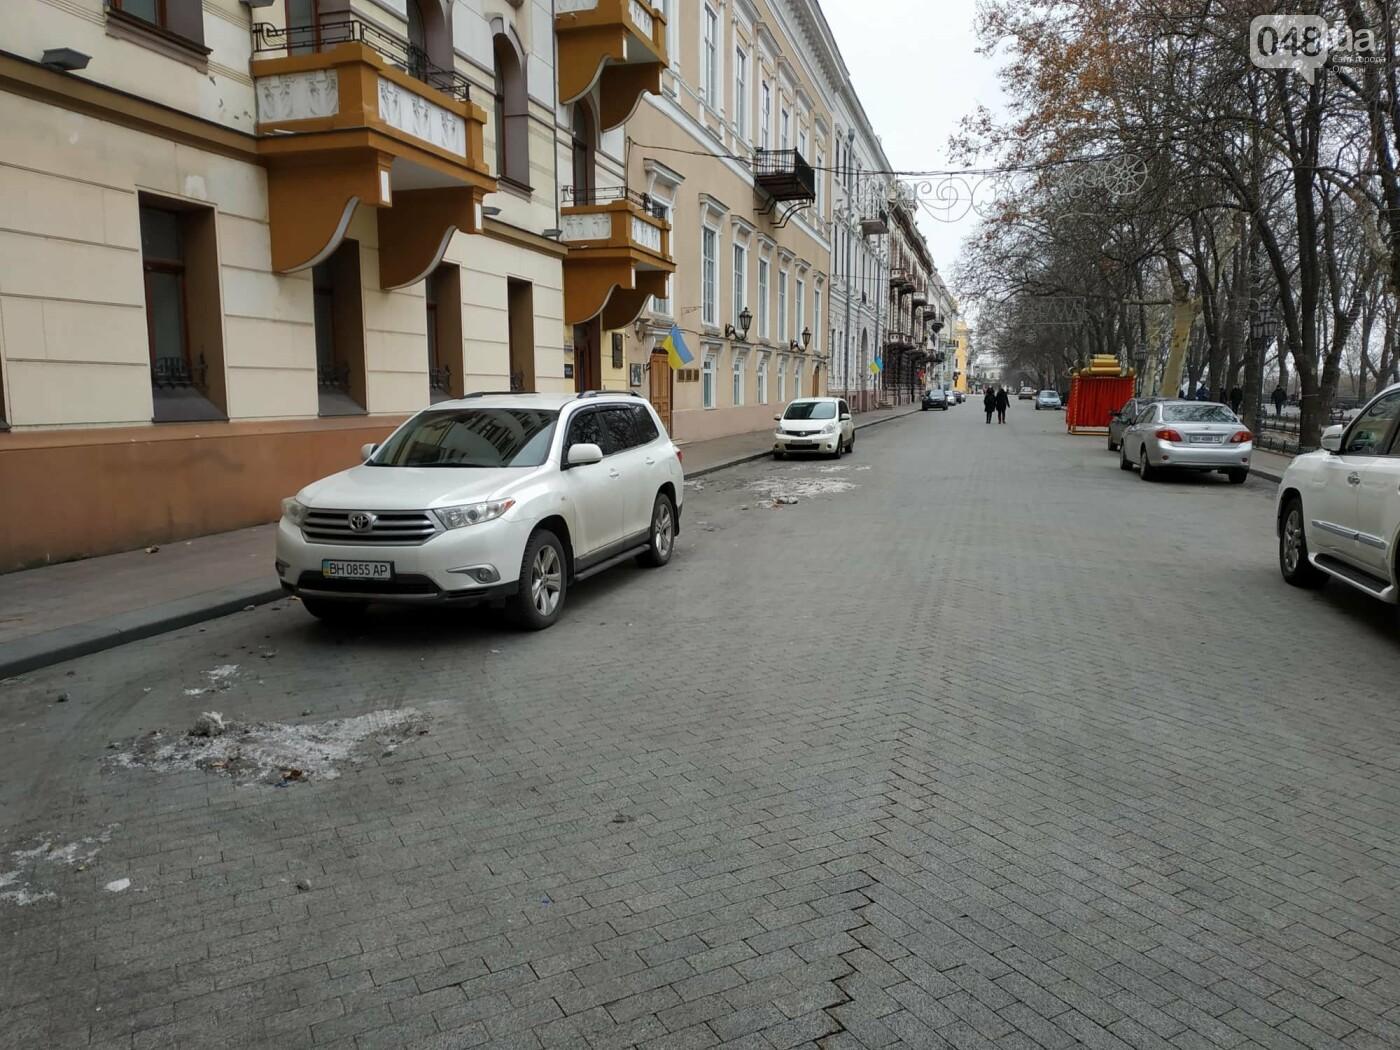 Праздники закончились: главную елку Одессы разбирают, - ФОТО, фото-8